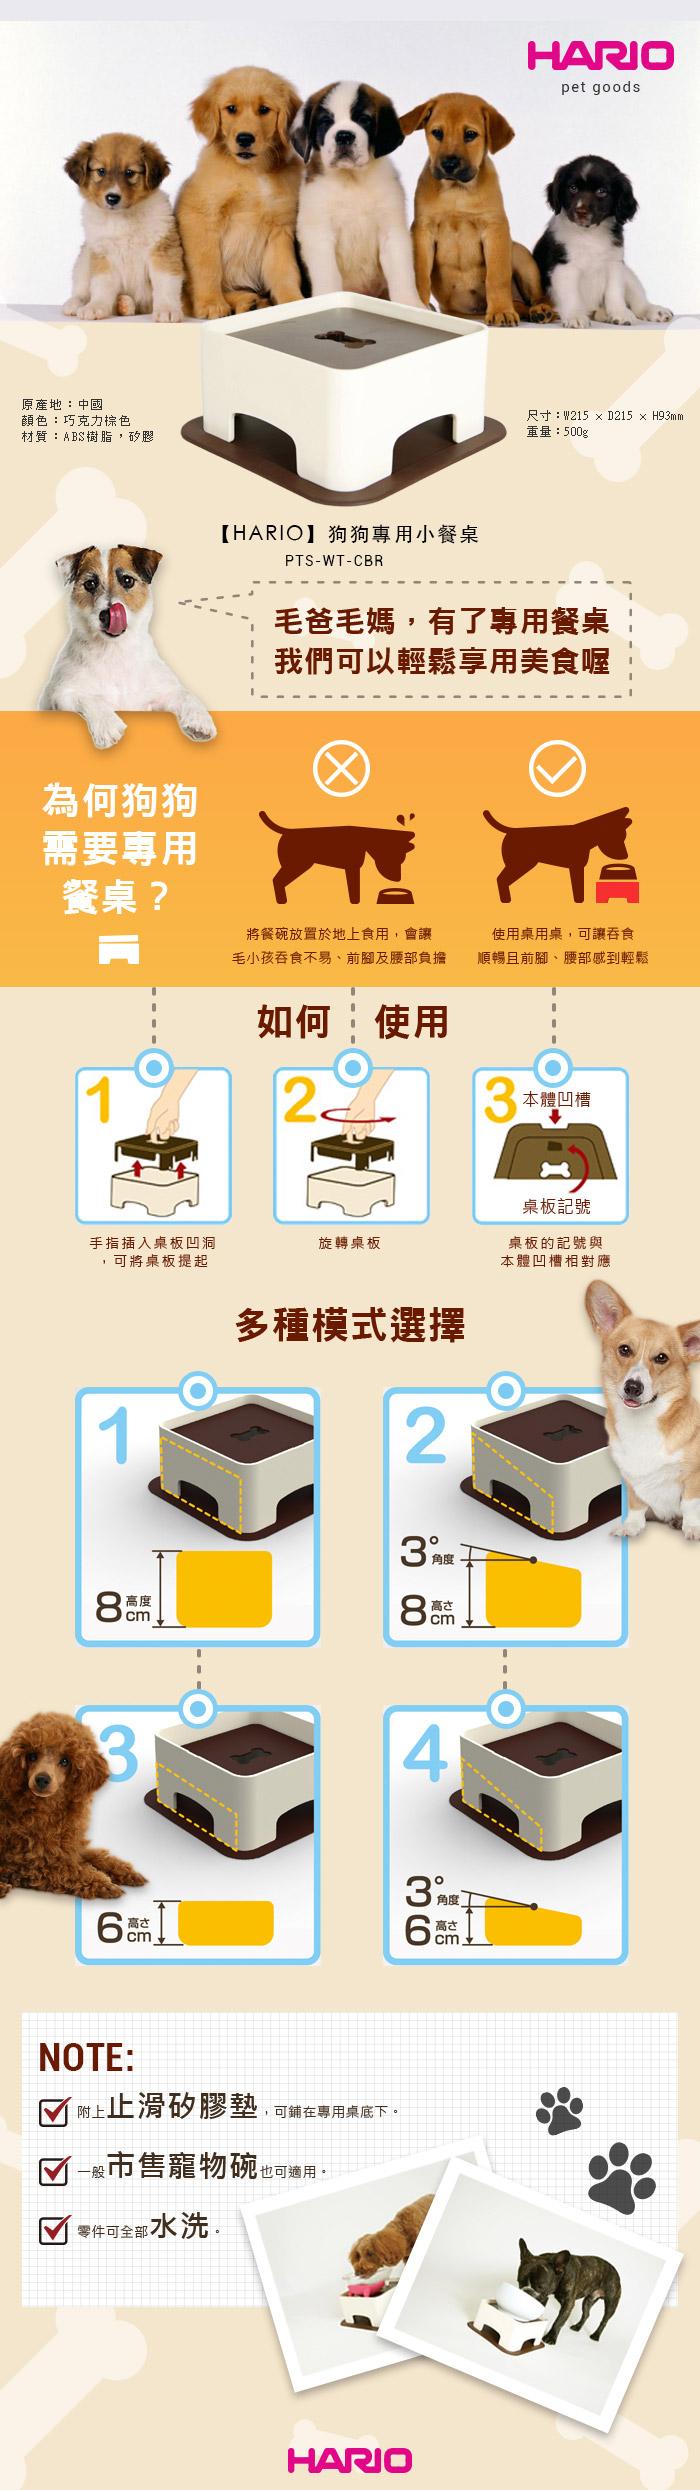 (複製)HARIO  白色法鬥犬專用碗  PTS-BH-W